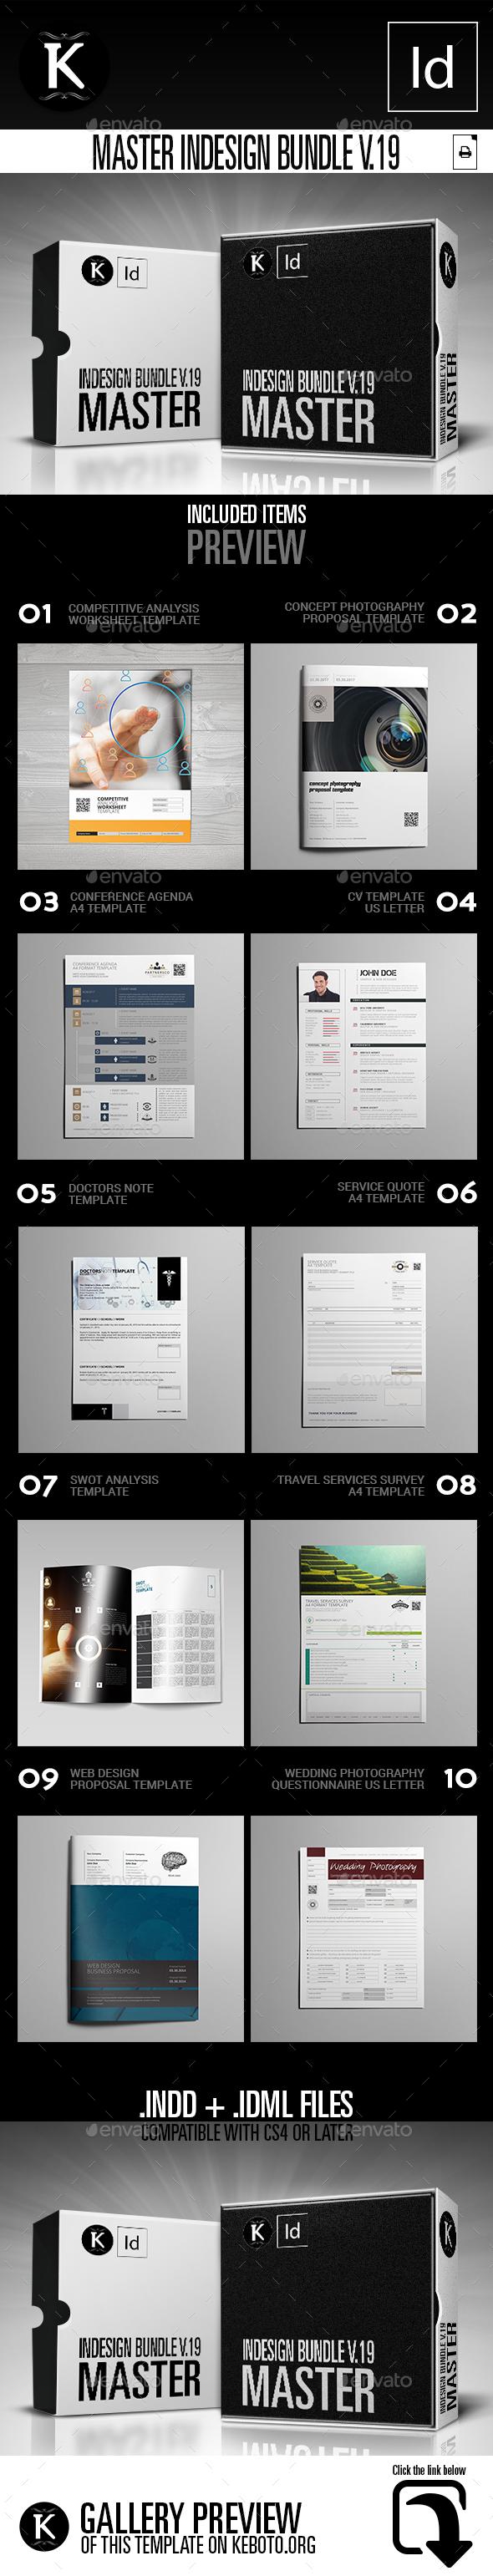 Master inDesign Bundle v.19 - Print Templates